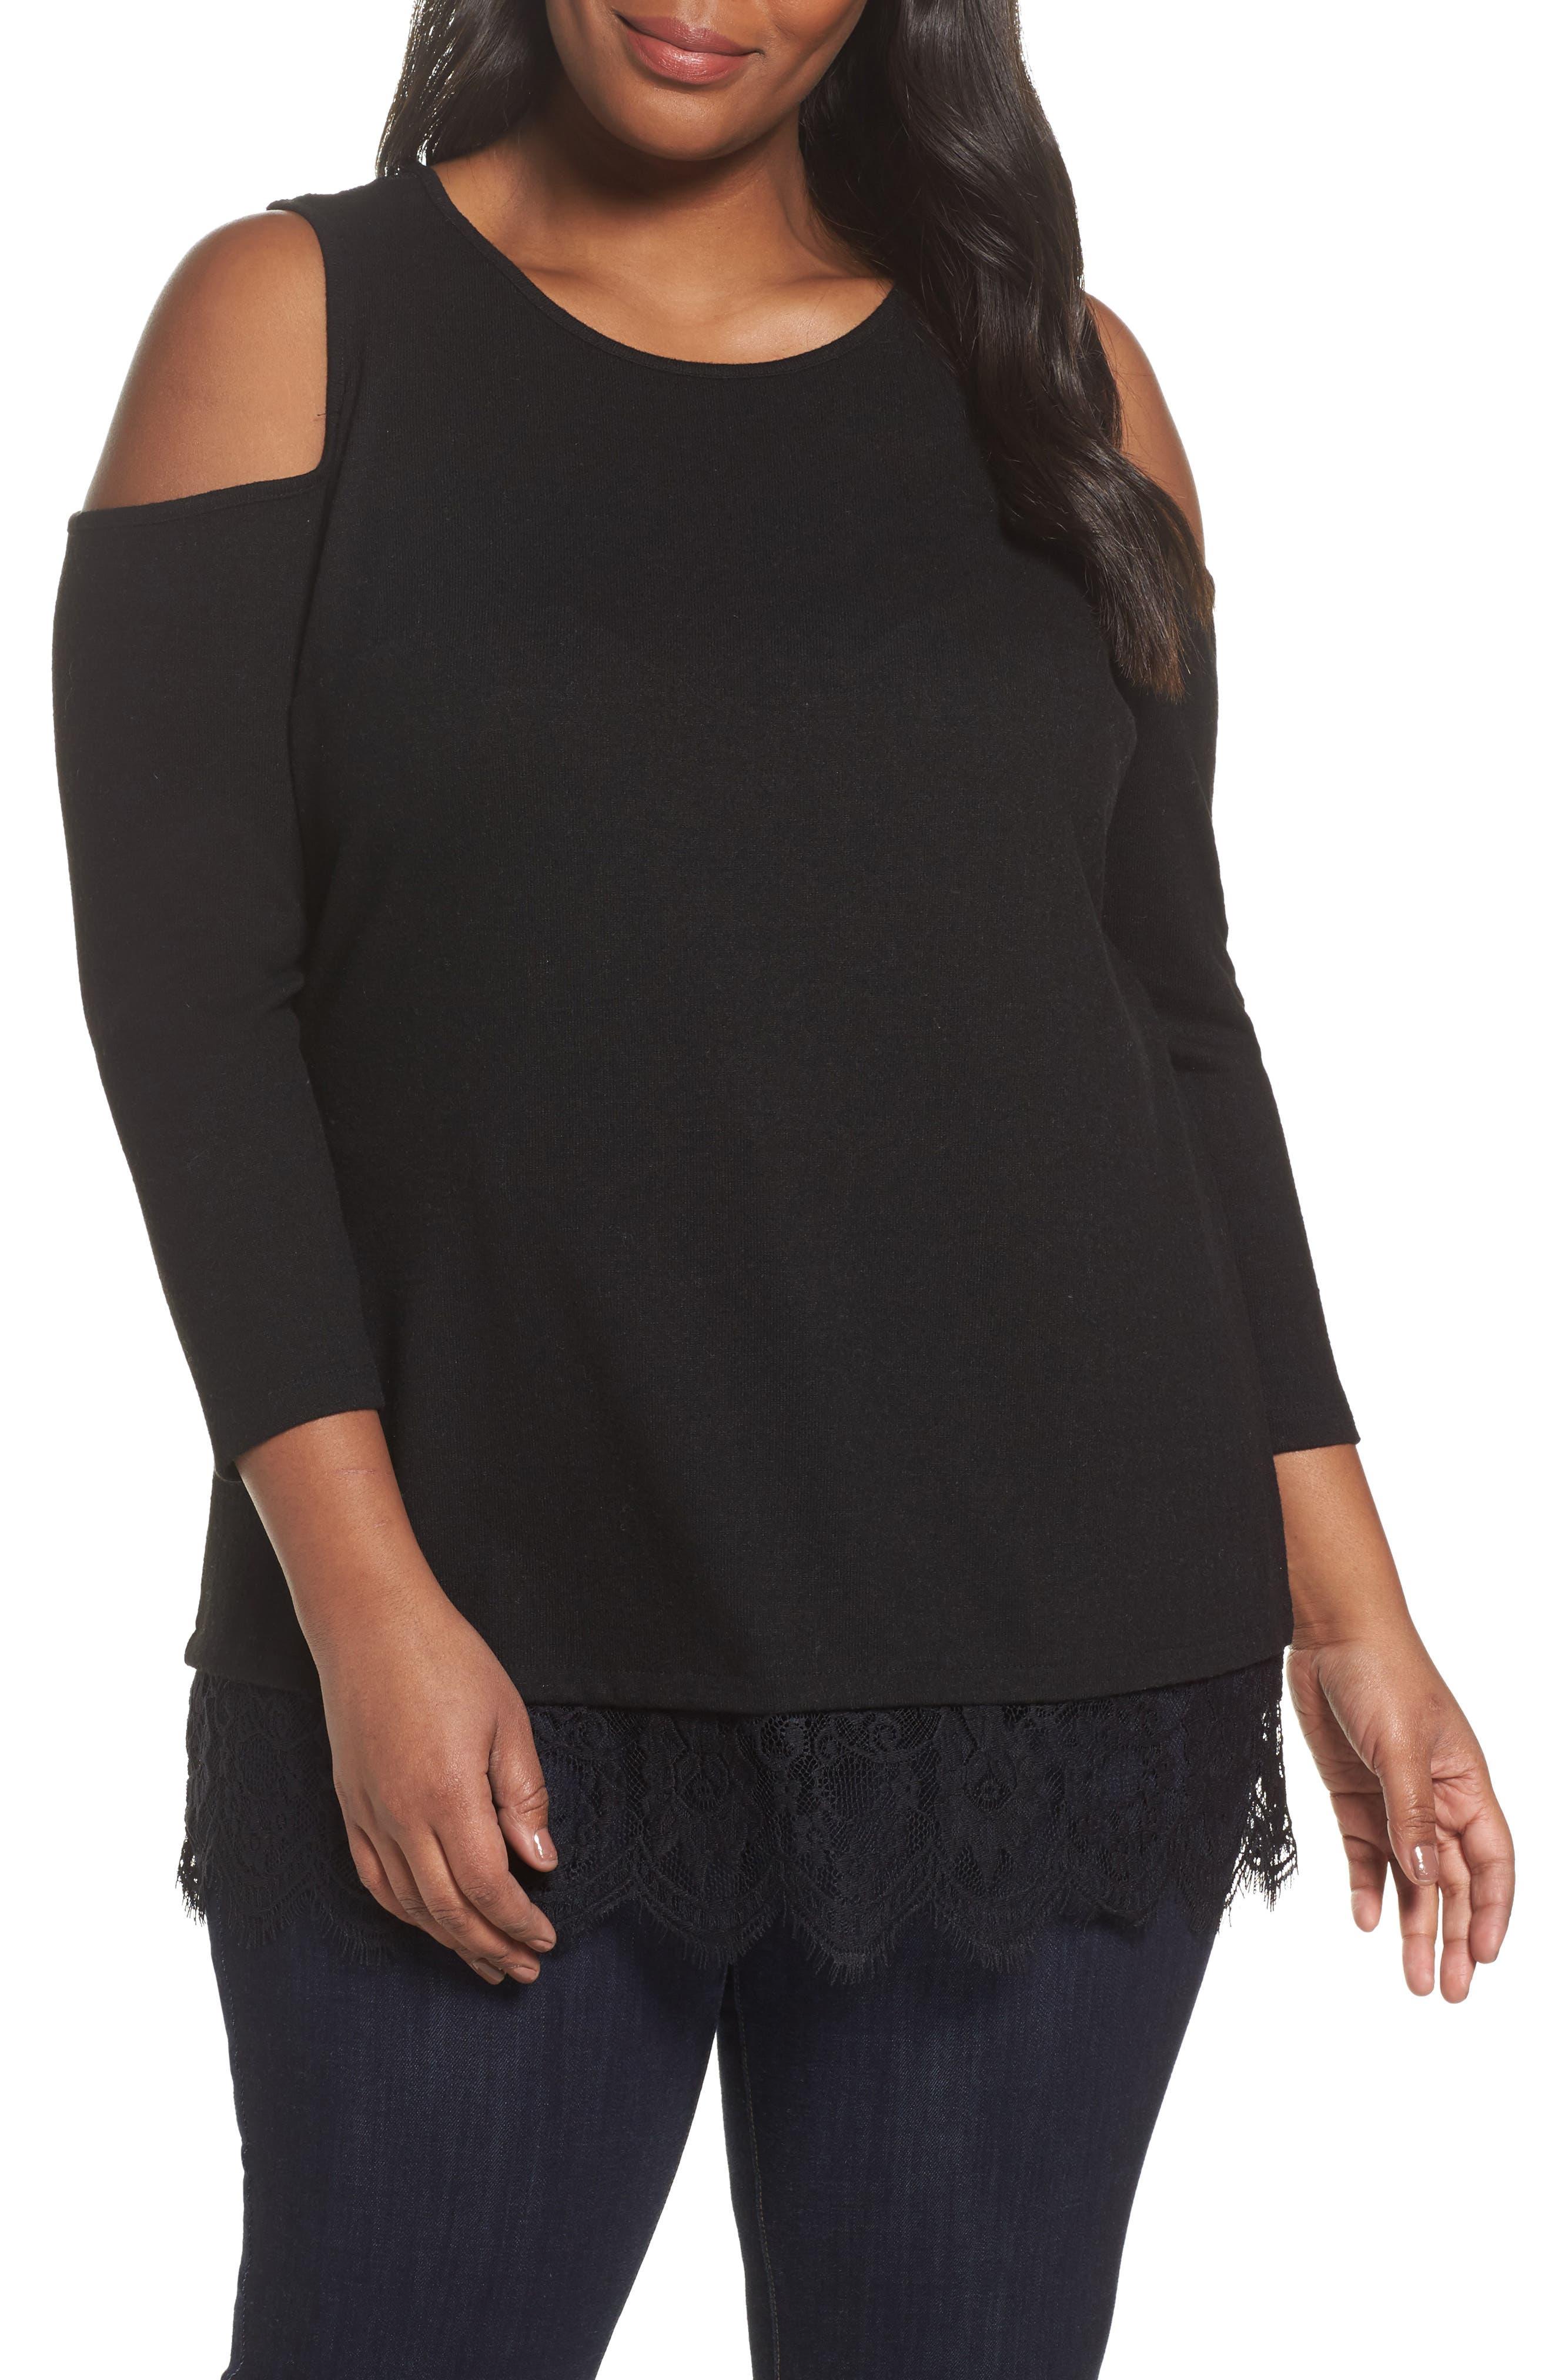 Main Image - Vince Camuto Lace Detail Cold Shoulder Top (Plus Size)